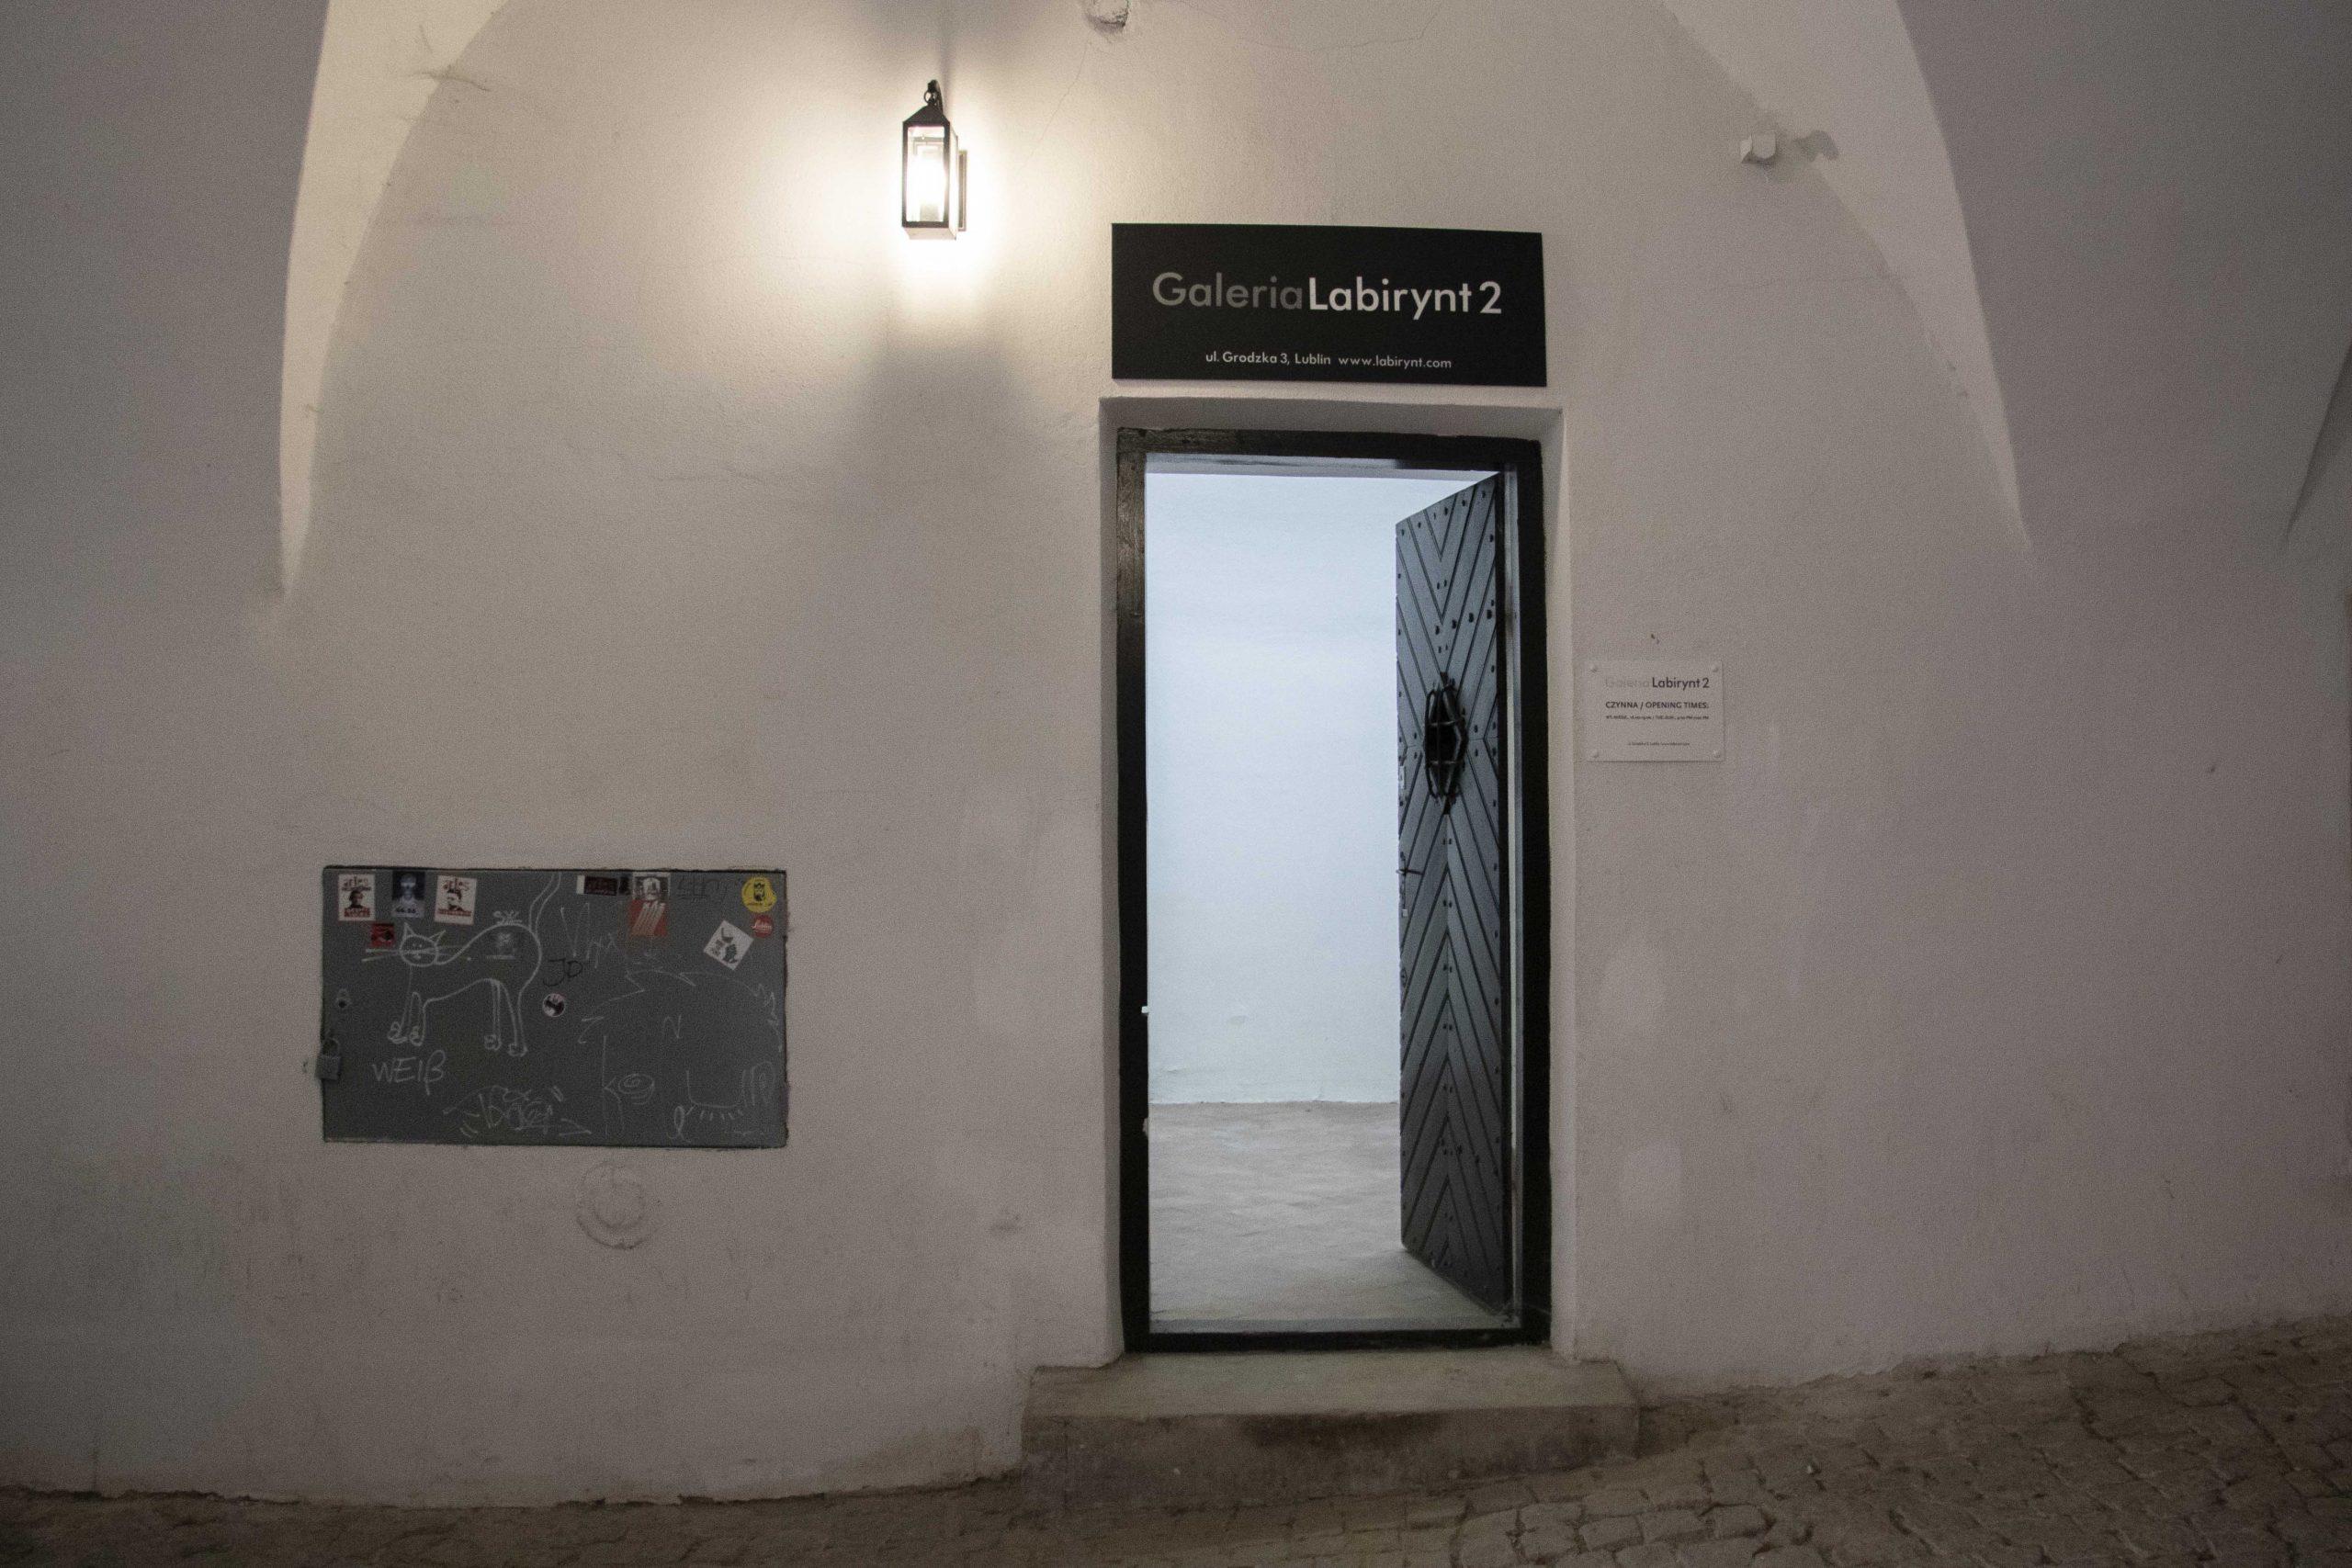 zdjęcie wejścia do galerii labirynt 2 - biała ściana i drzwi